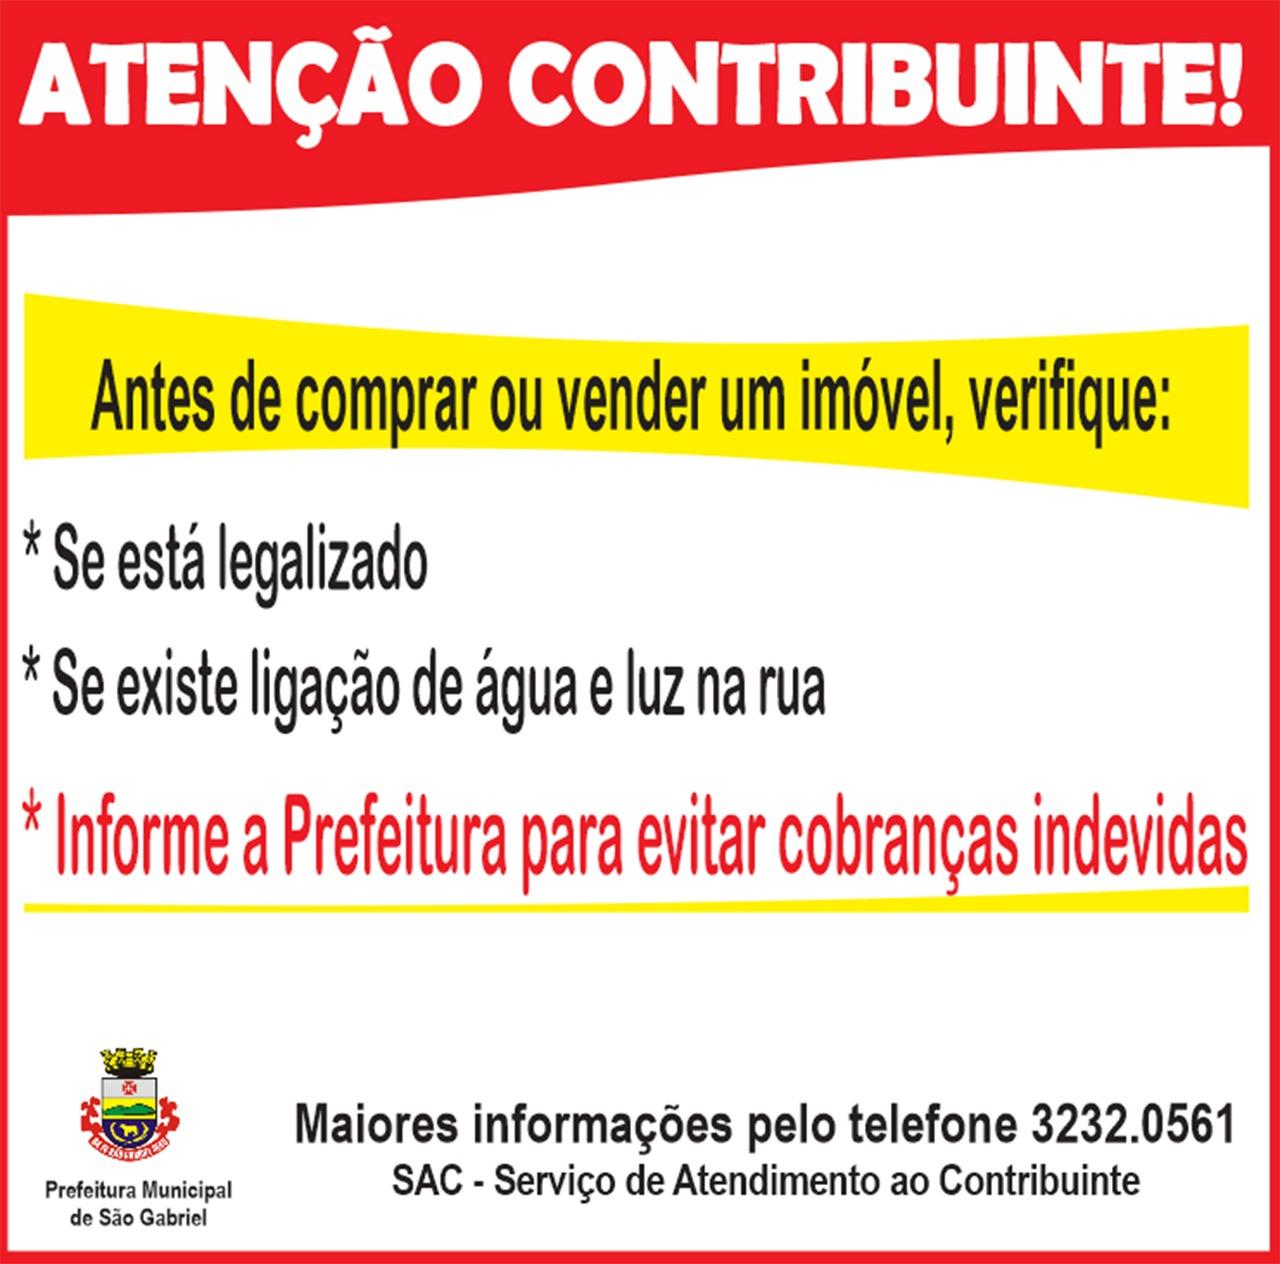 Atenção contribuinte - Prefeitura de São Gabriel